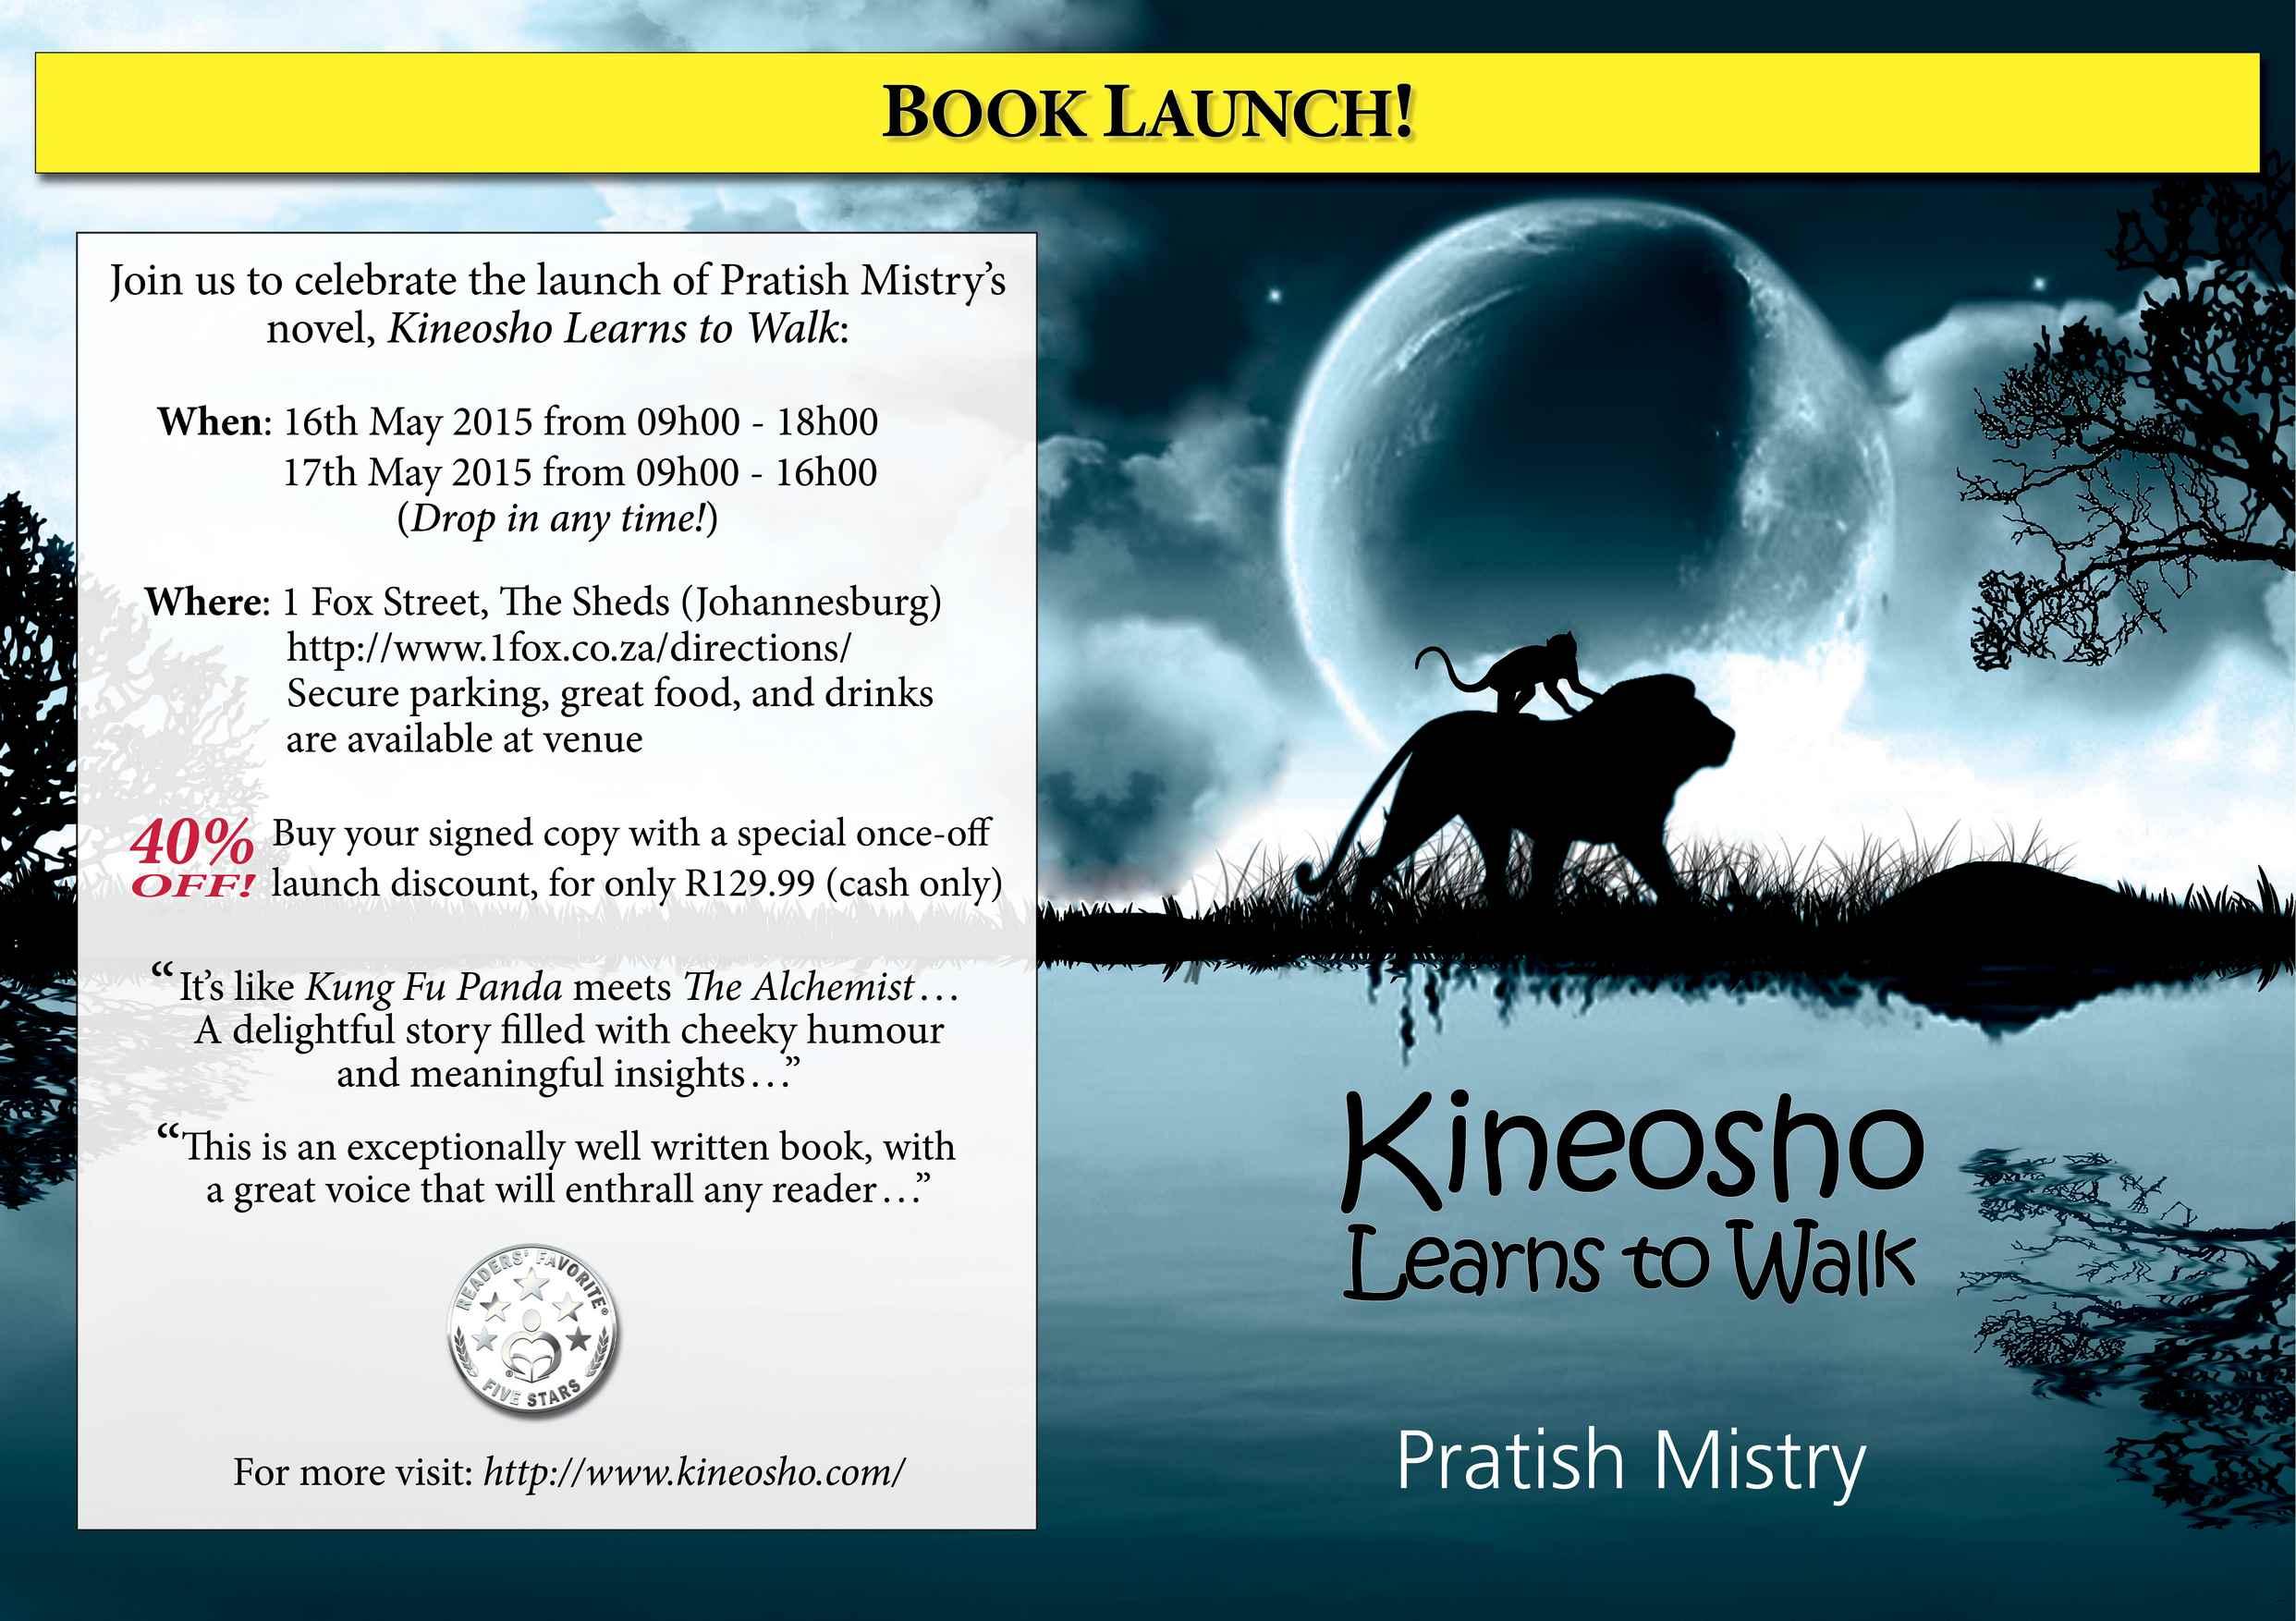 Johannesburg Book Launch flyer